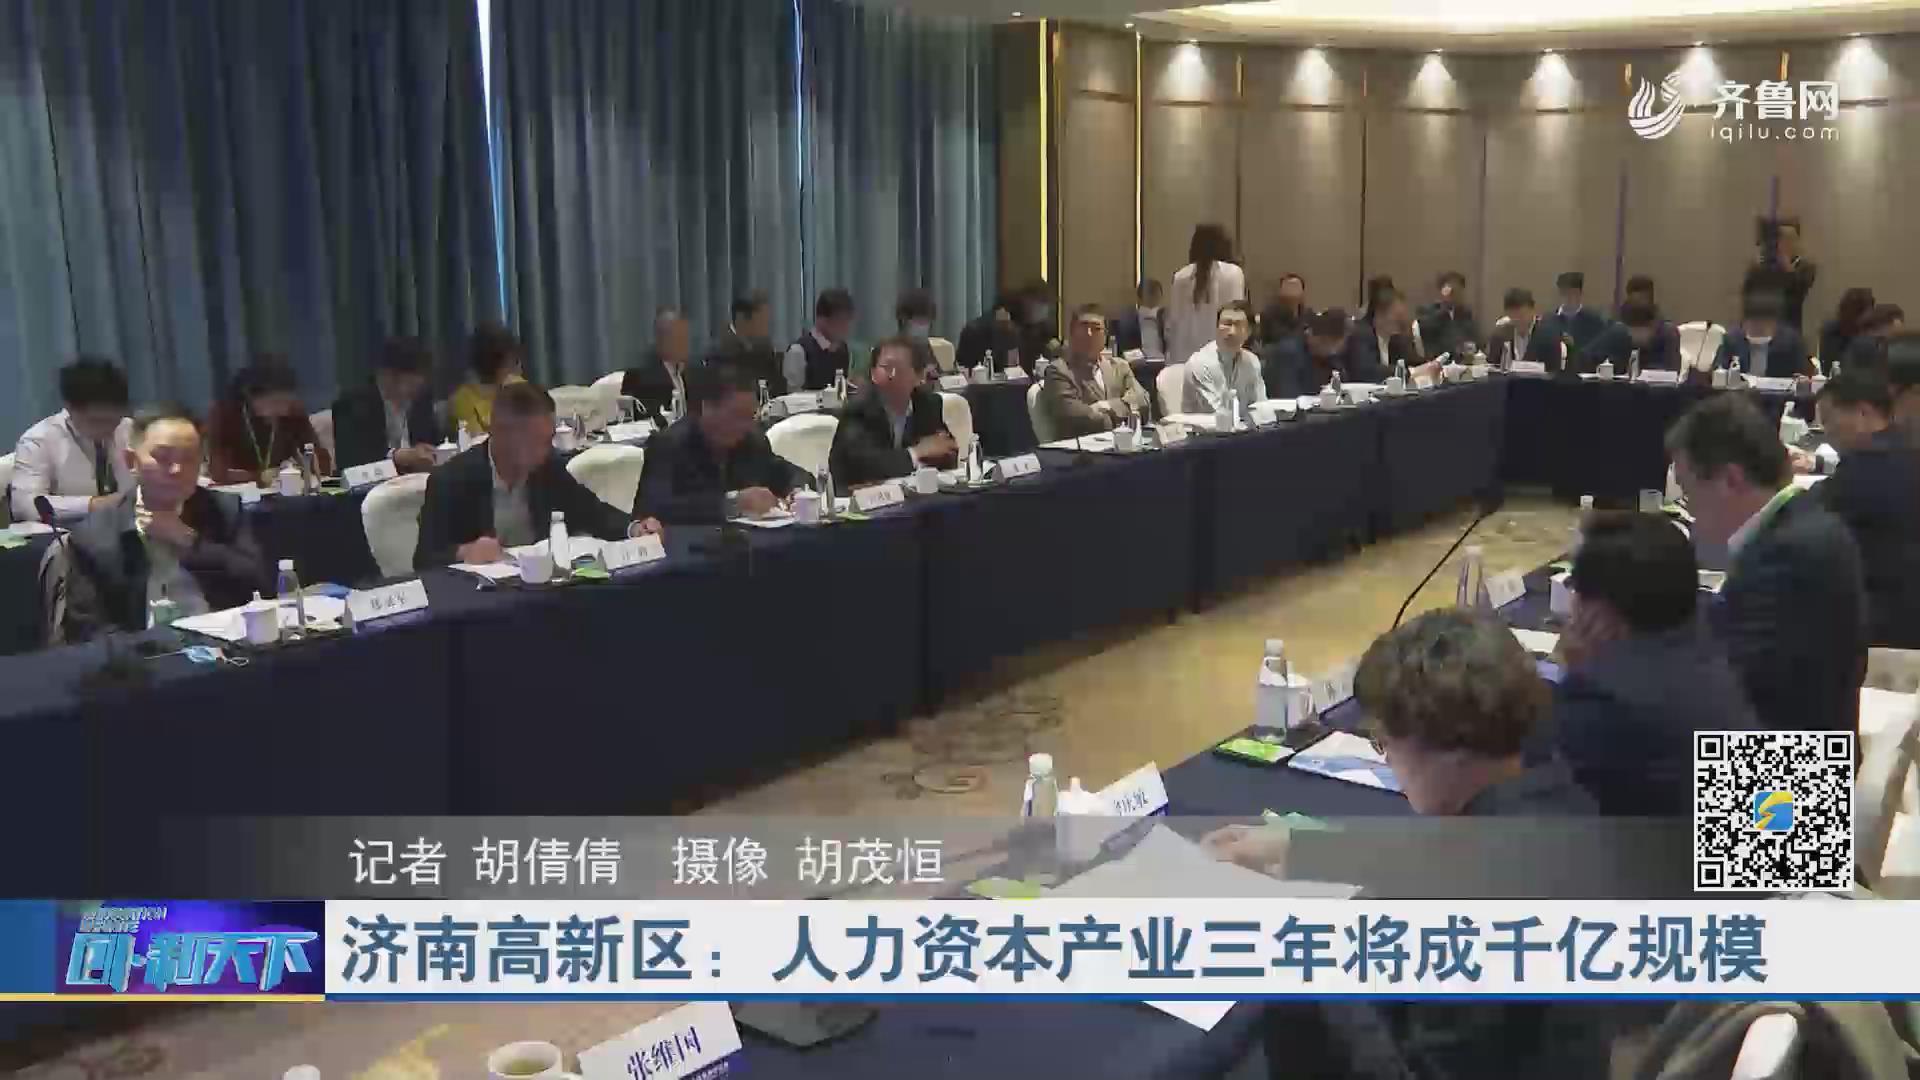 济南高新区:人力本钱产业三年将成千亿规模